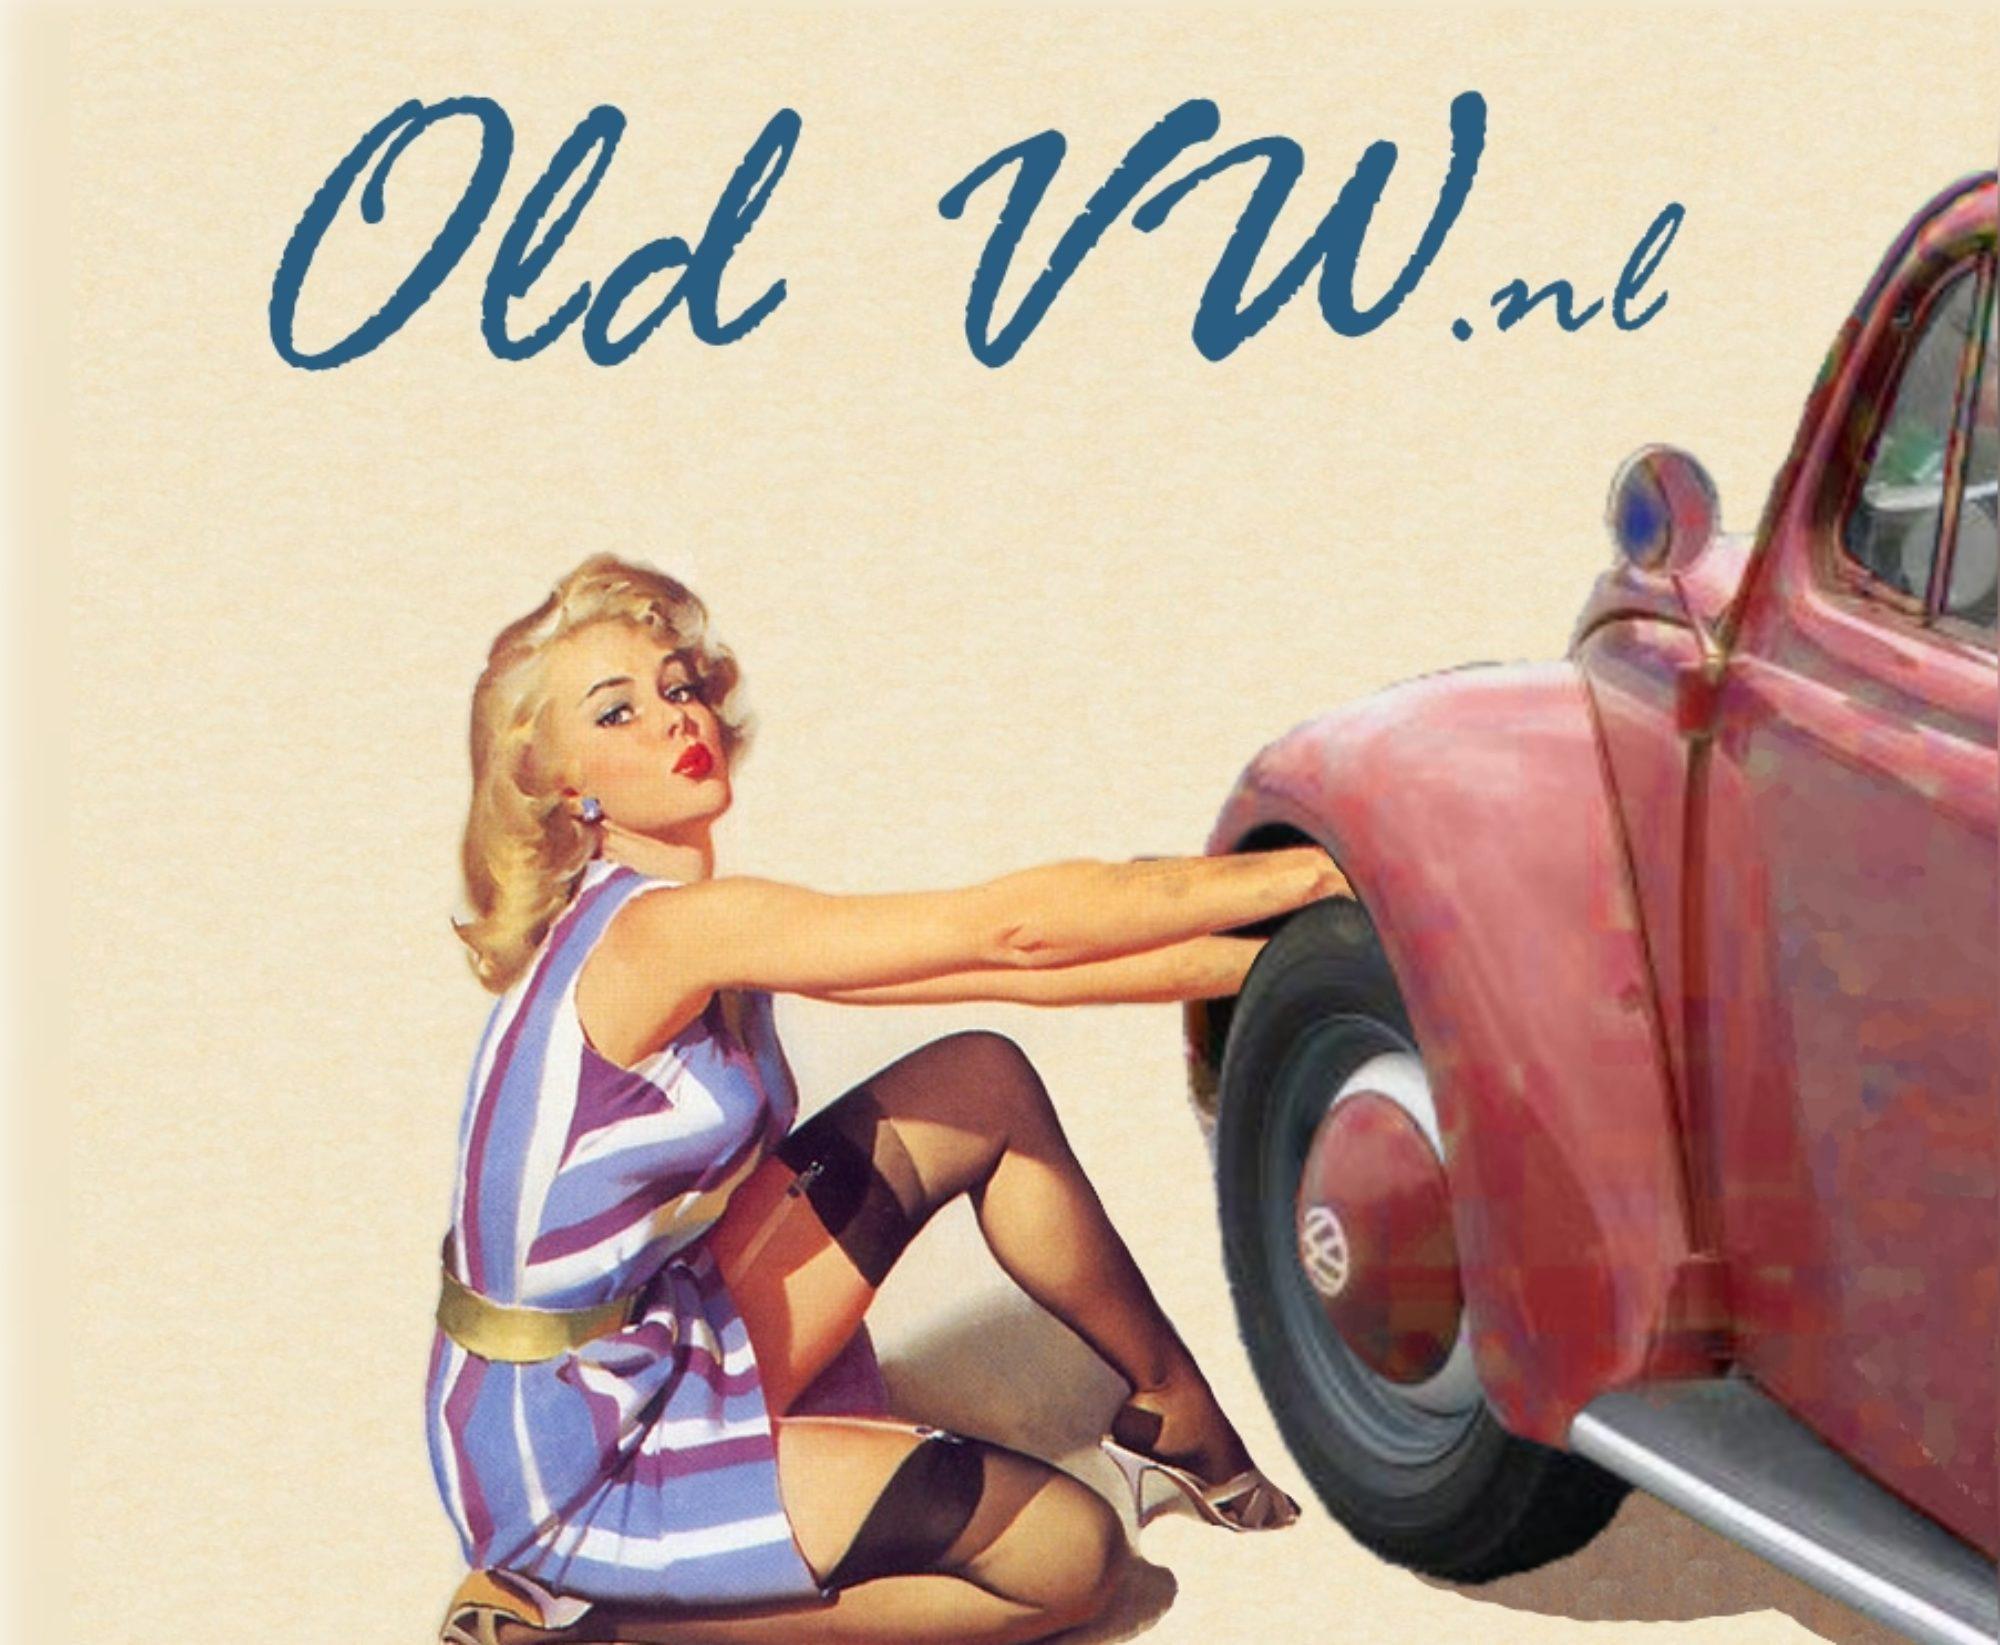 Old VW.NL